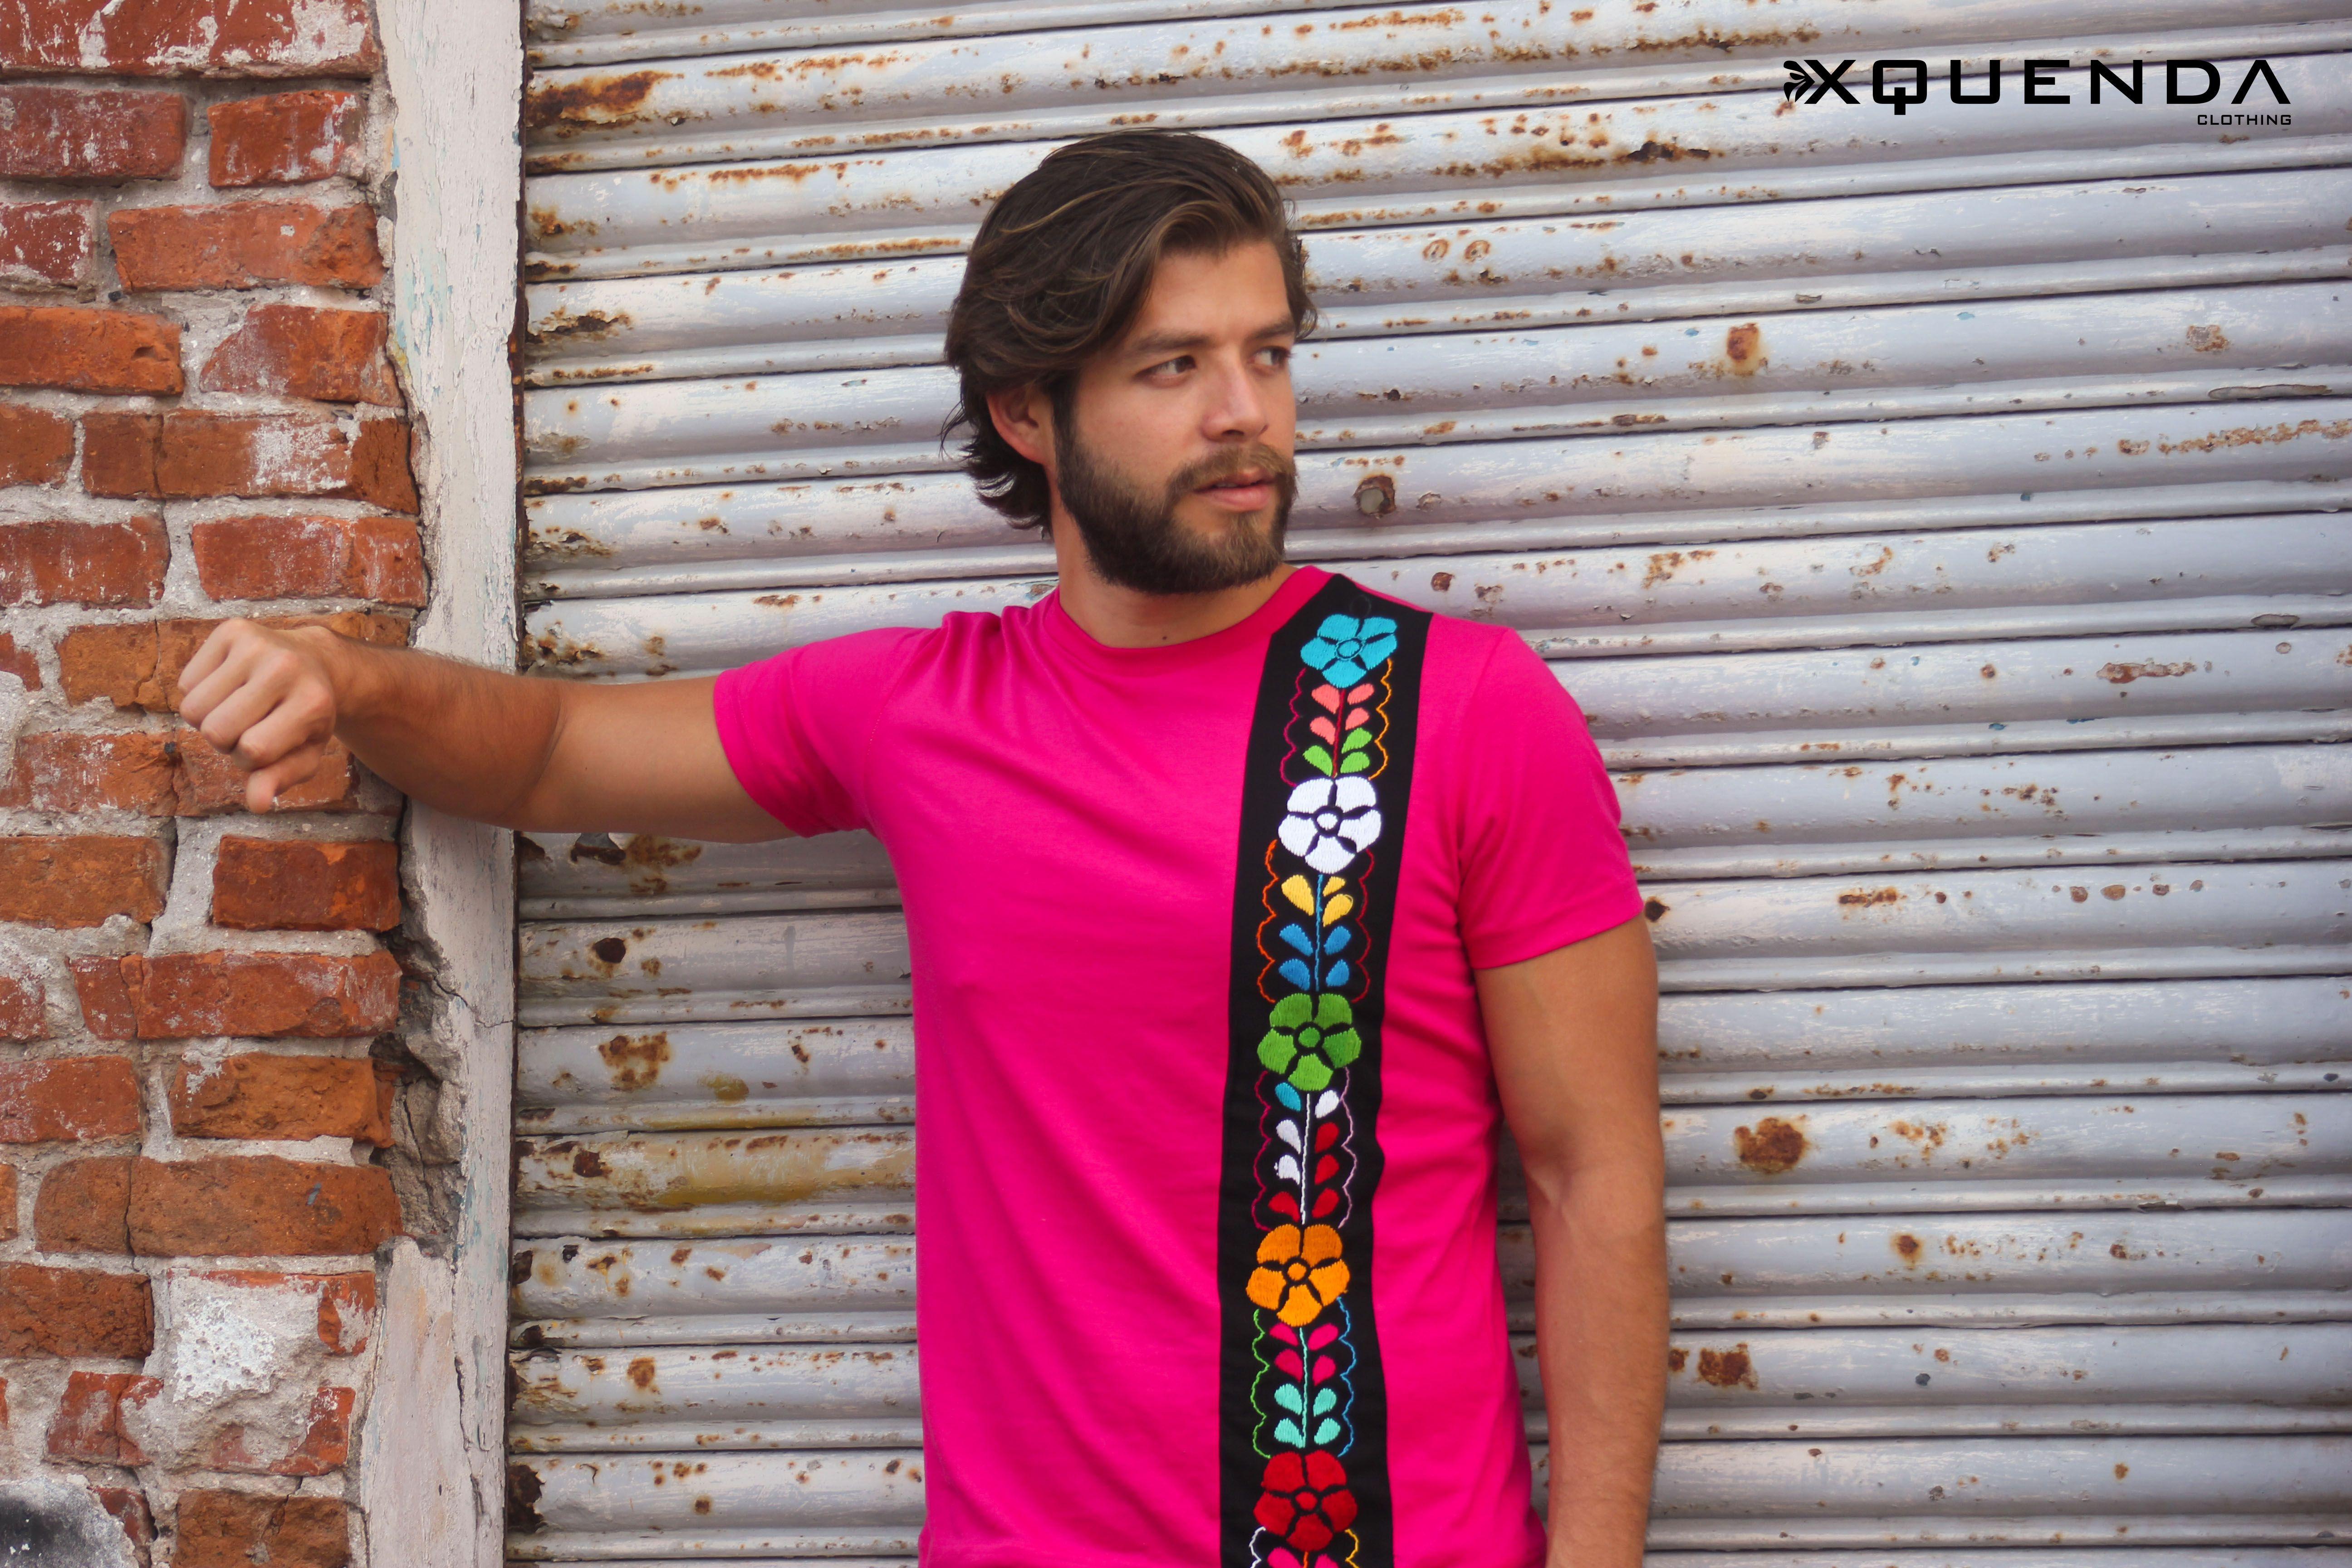 f5006b2e16f58 Playera en algodón con bordado a mano típico de Oaxaca